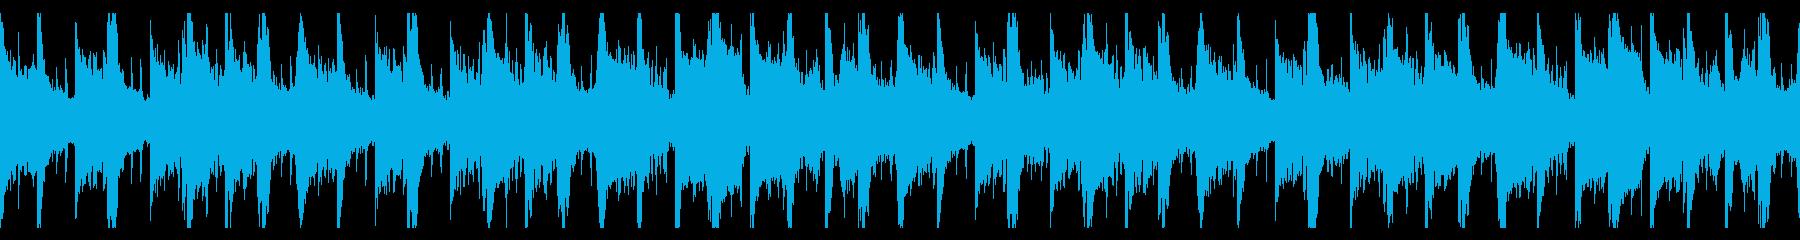 和風で運命的なBGM フルの再生済みの波形